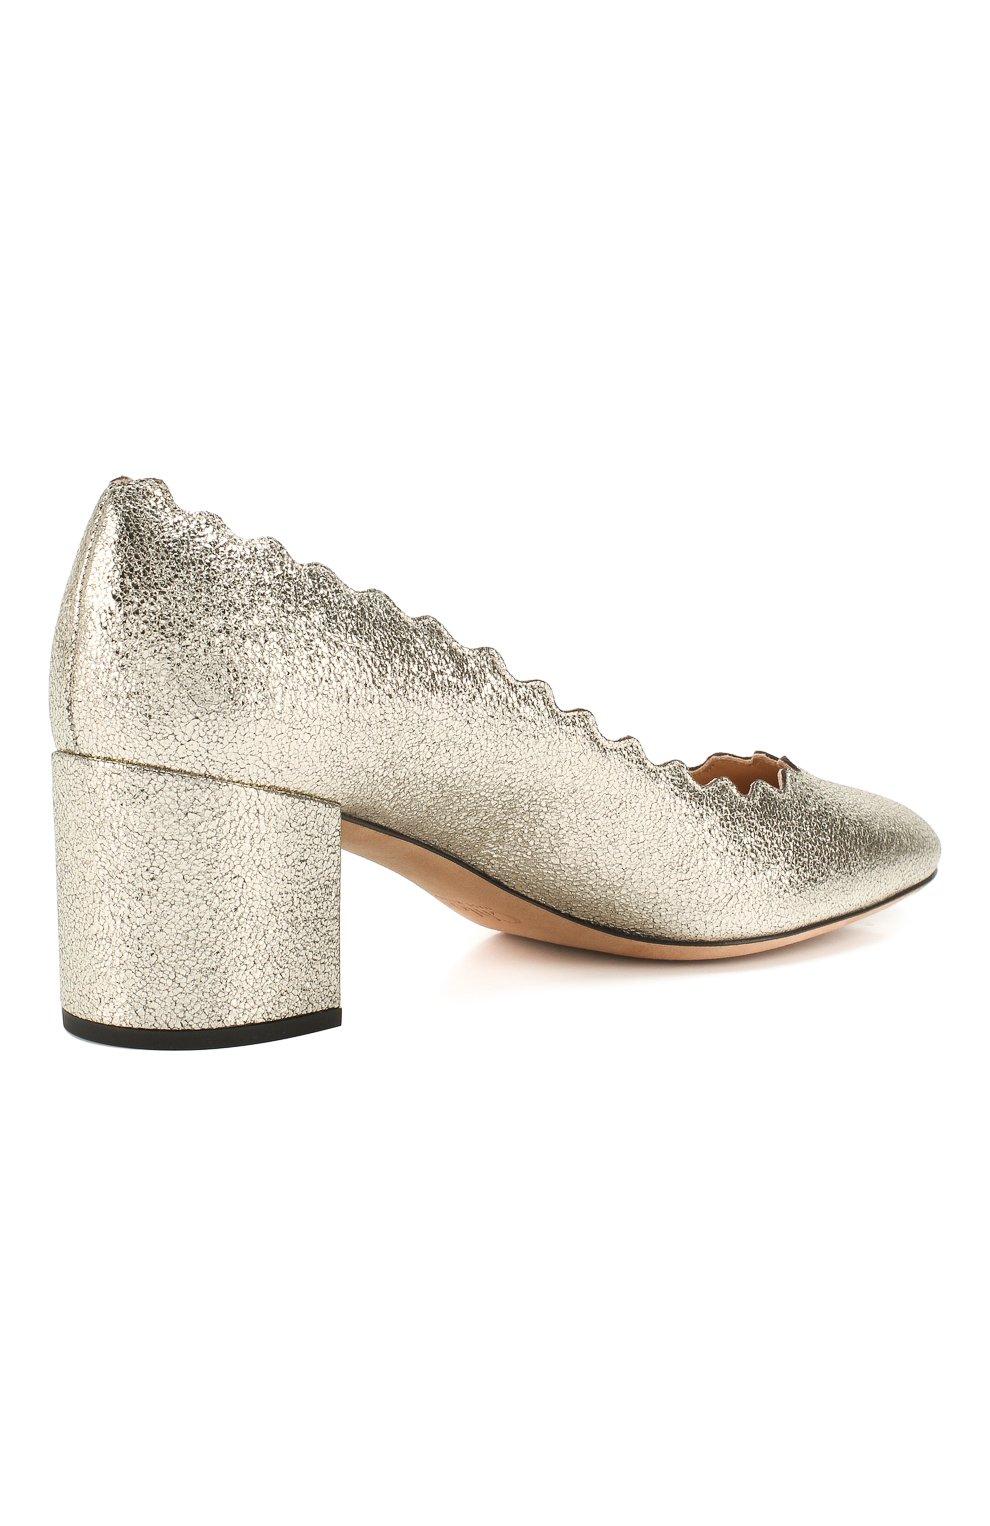 Туфли Lauren из металлизированной кожи с фигурным вырезом | Фото №4